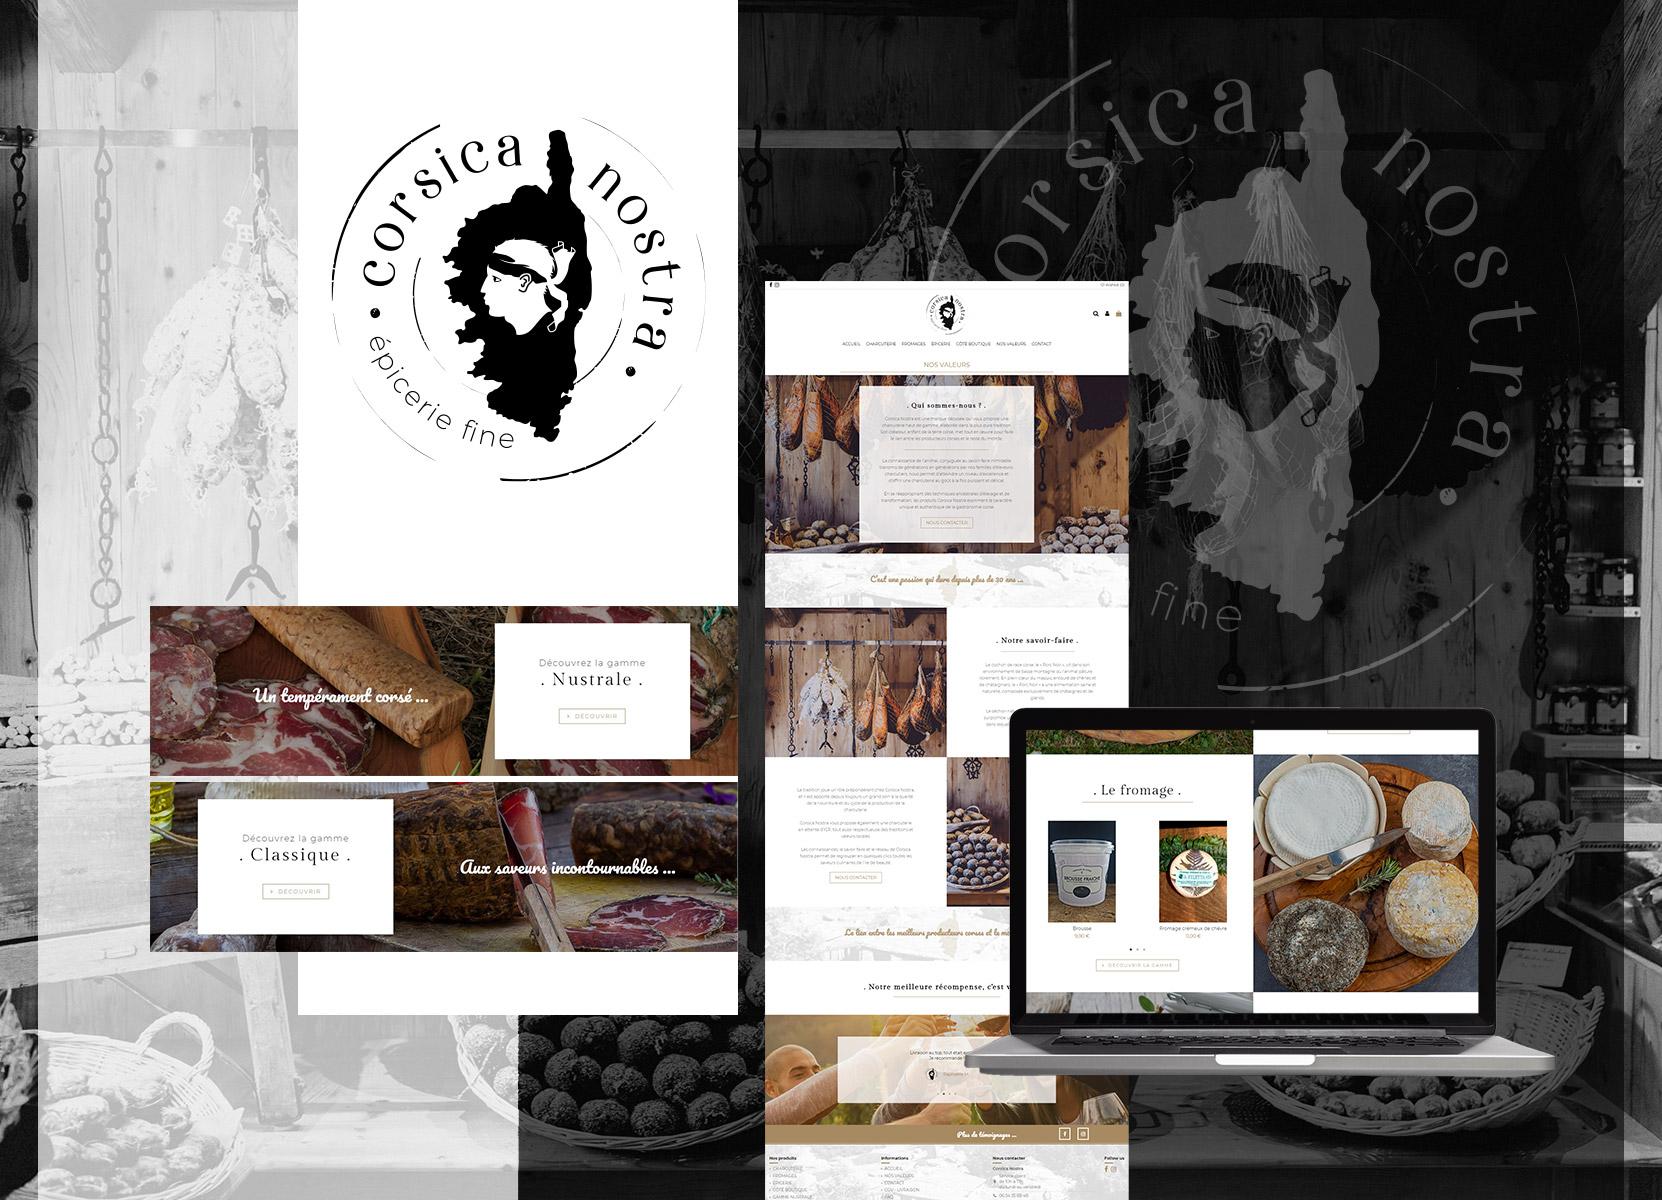 réalisation site e-commerce - Corsica Nostra